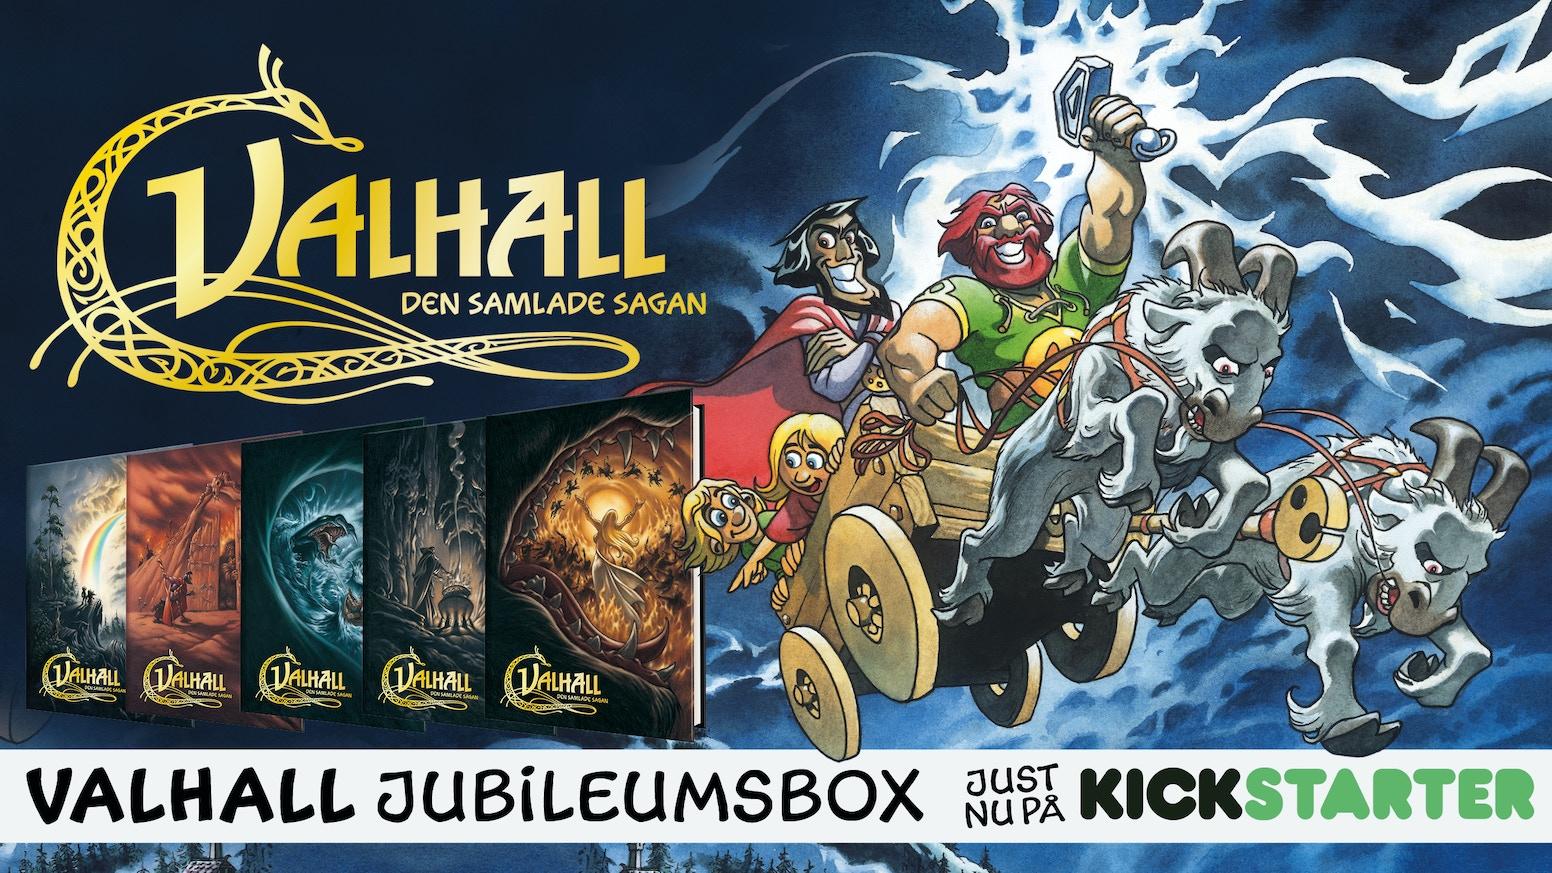 Snart 40 år sedan första seriealbumet med VALHALL kom ut. Det ska vi fira! OBS! Surfar du på mobil? Klicka på Campaign för mer info! ⬇️